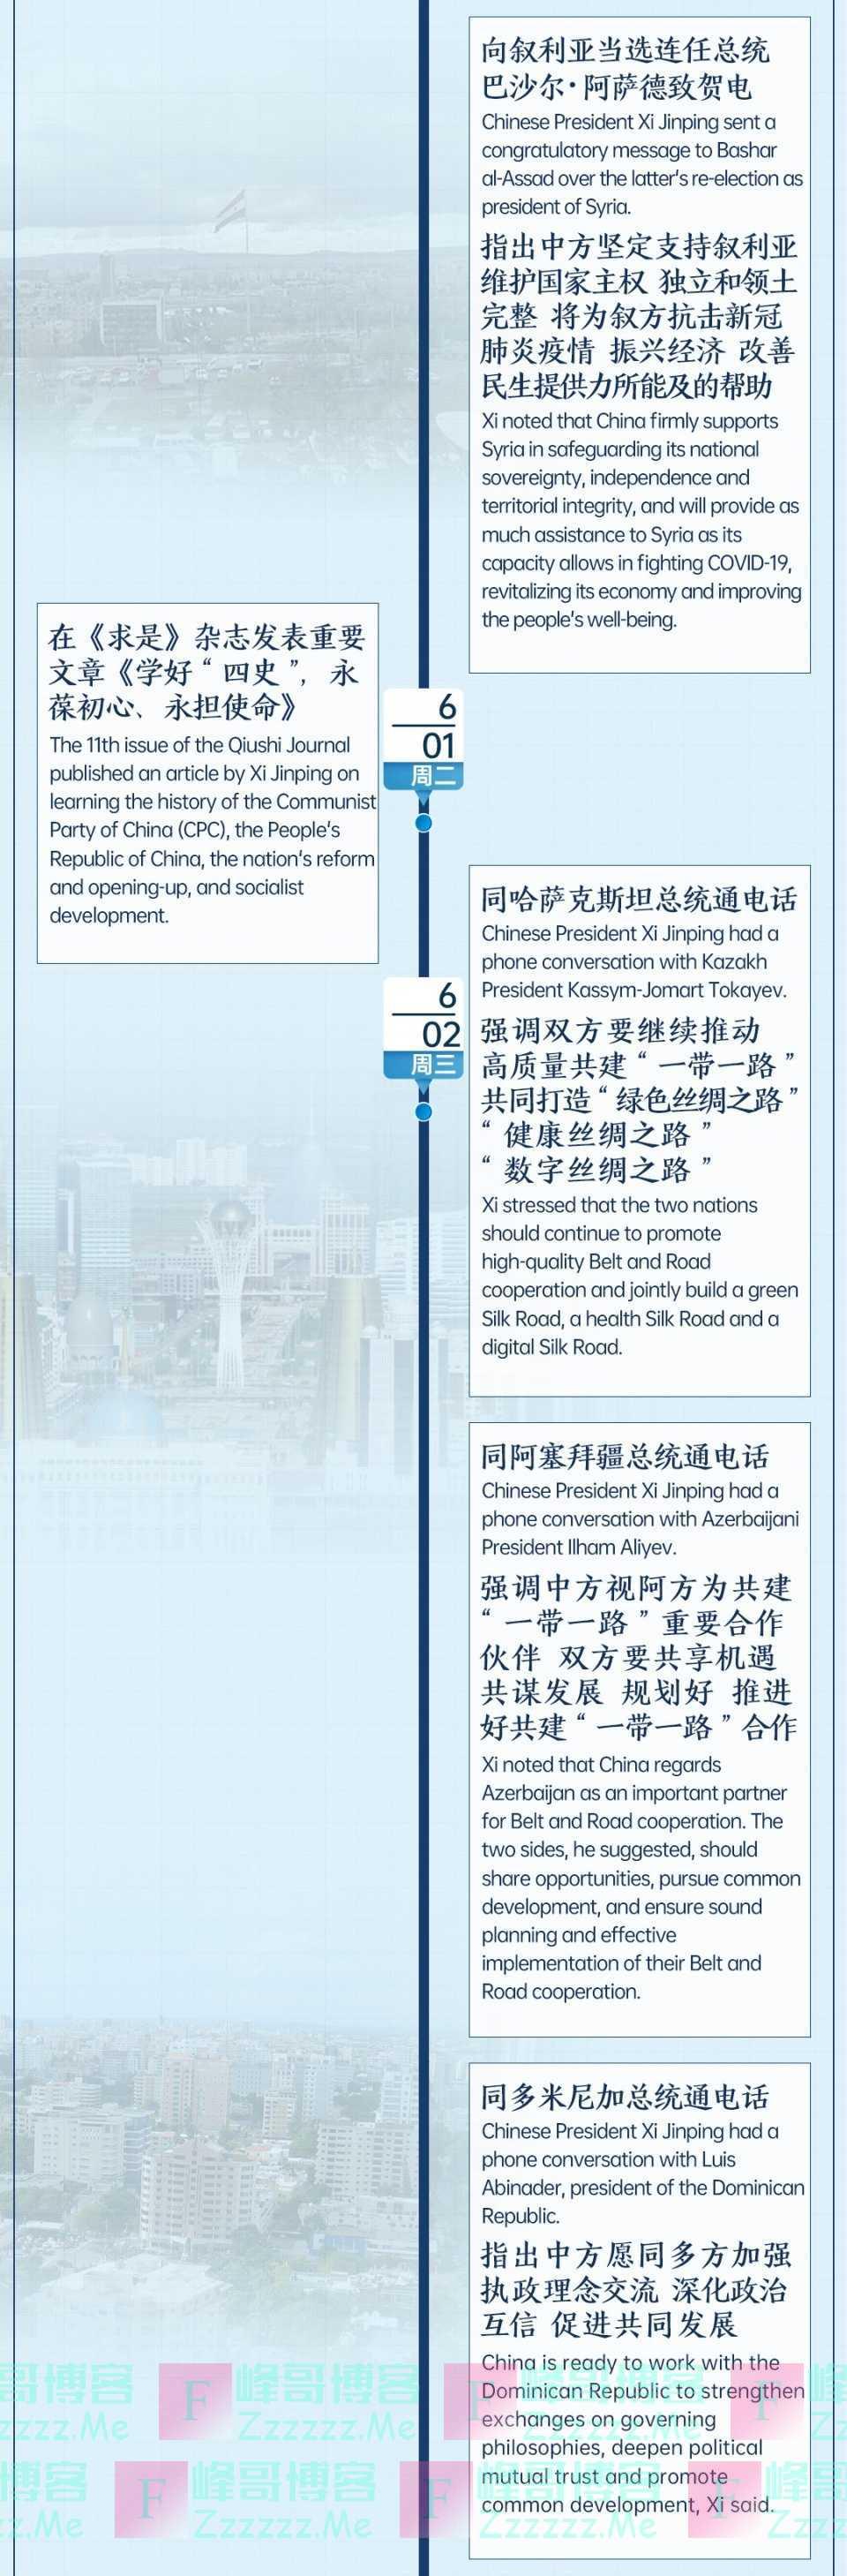 时政微周刊丨总书记的一周(5月31日—6月6日)